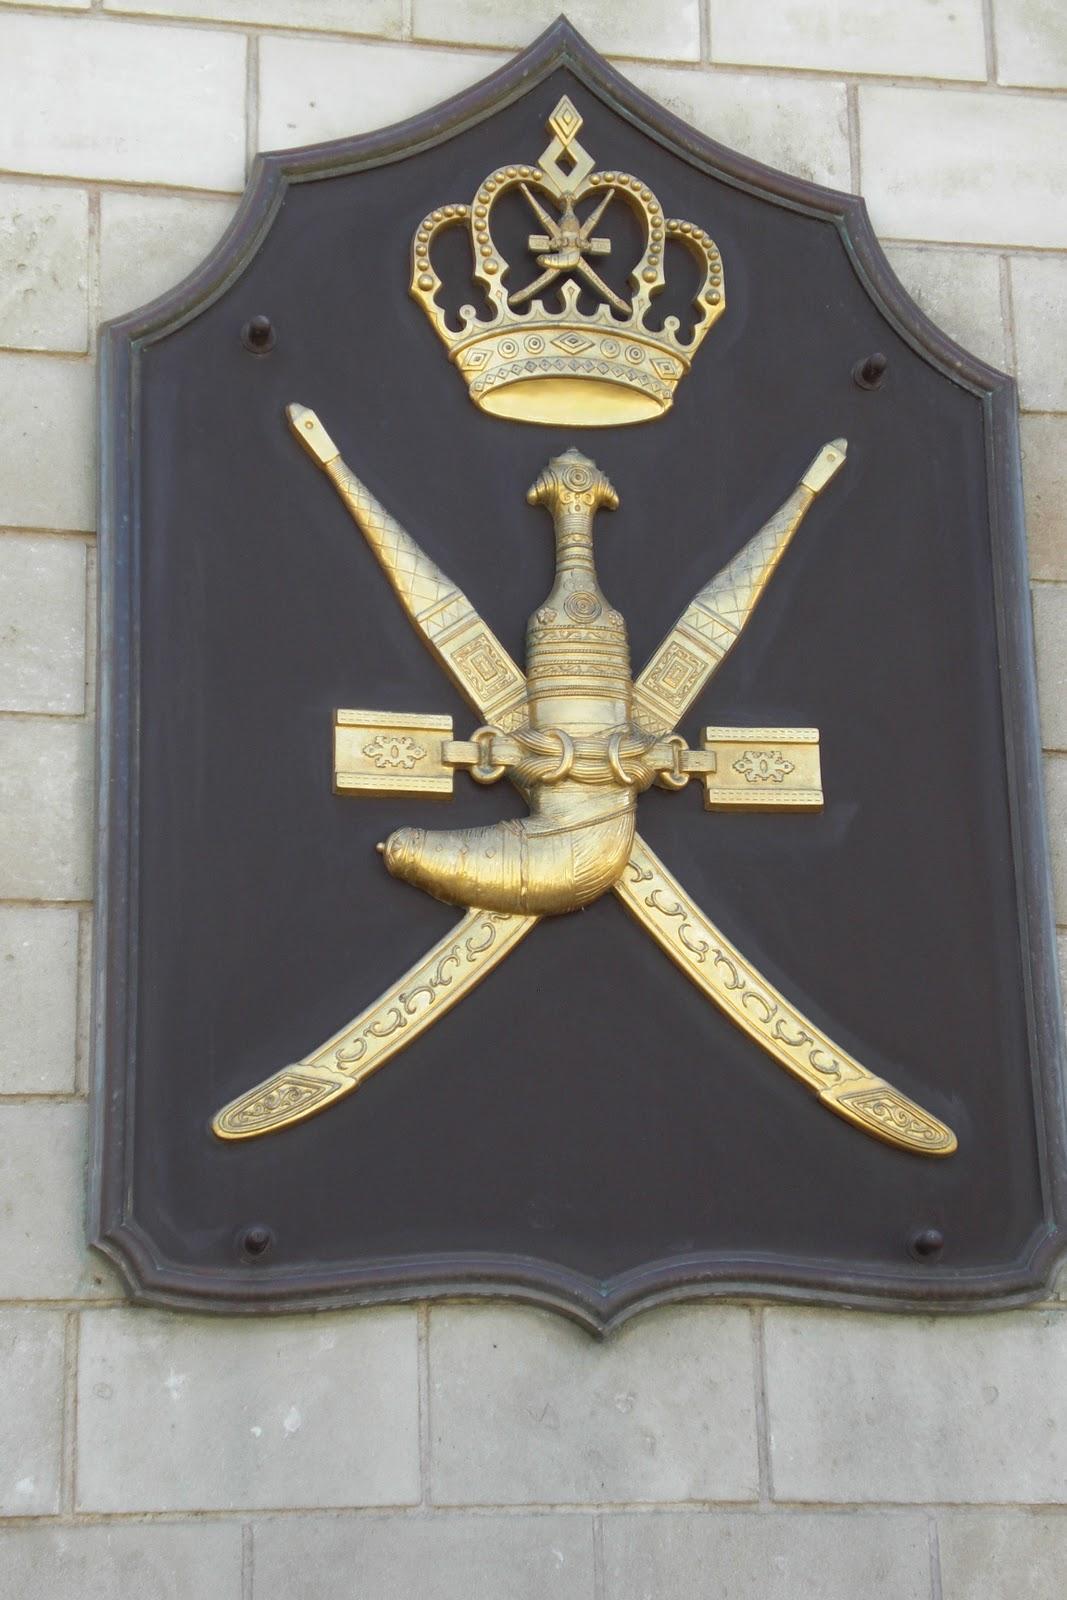 Sahibzaha Shamsaldin Qais Sulayman Al-Said Dynasty Crest